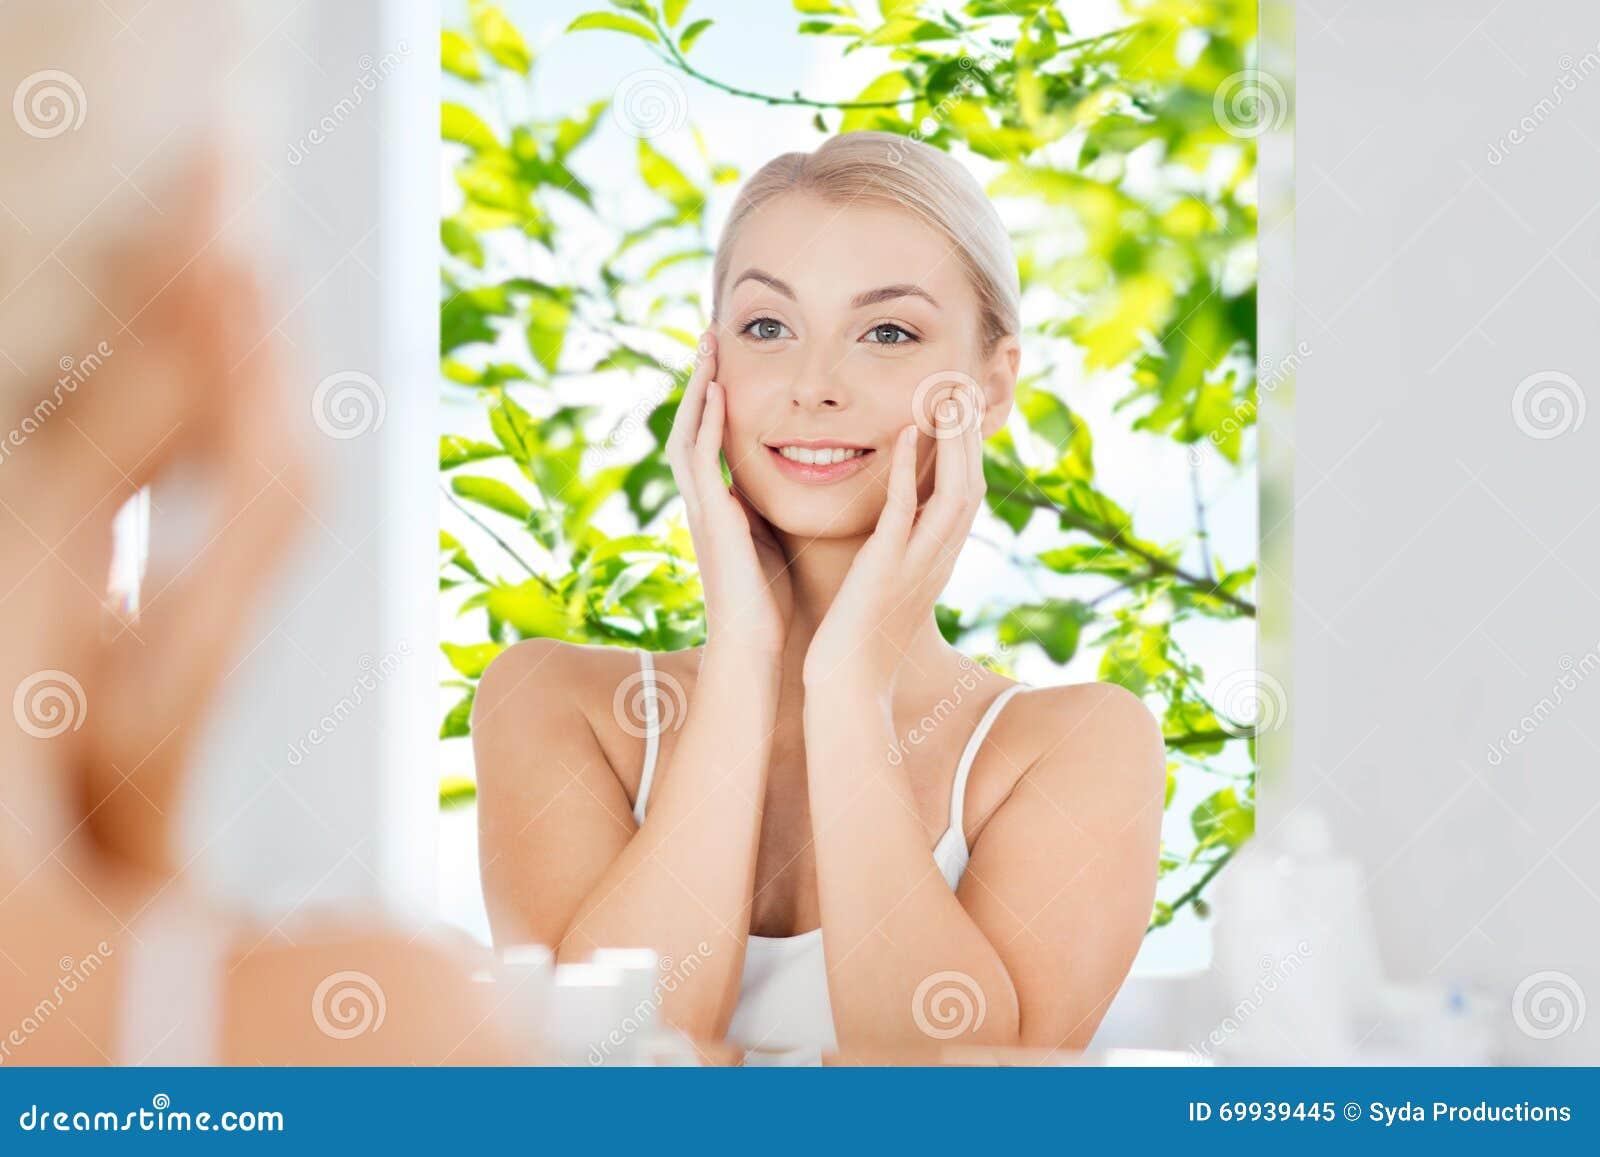 Киску жопу, девушка дома утром в ванной комнате